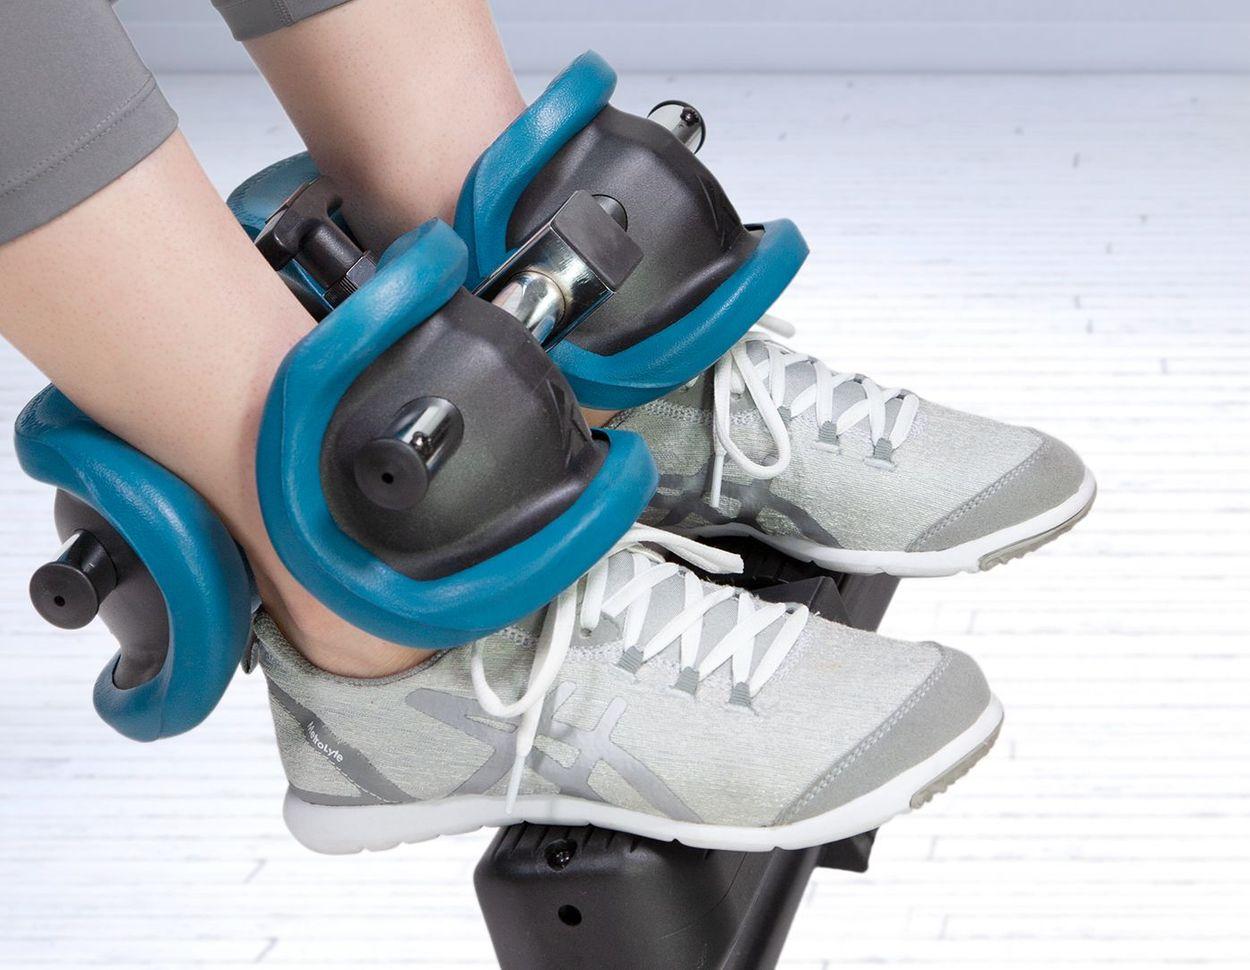 Coques ergonomiques